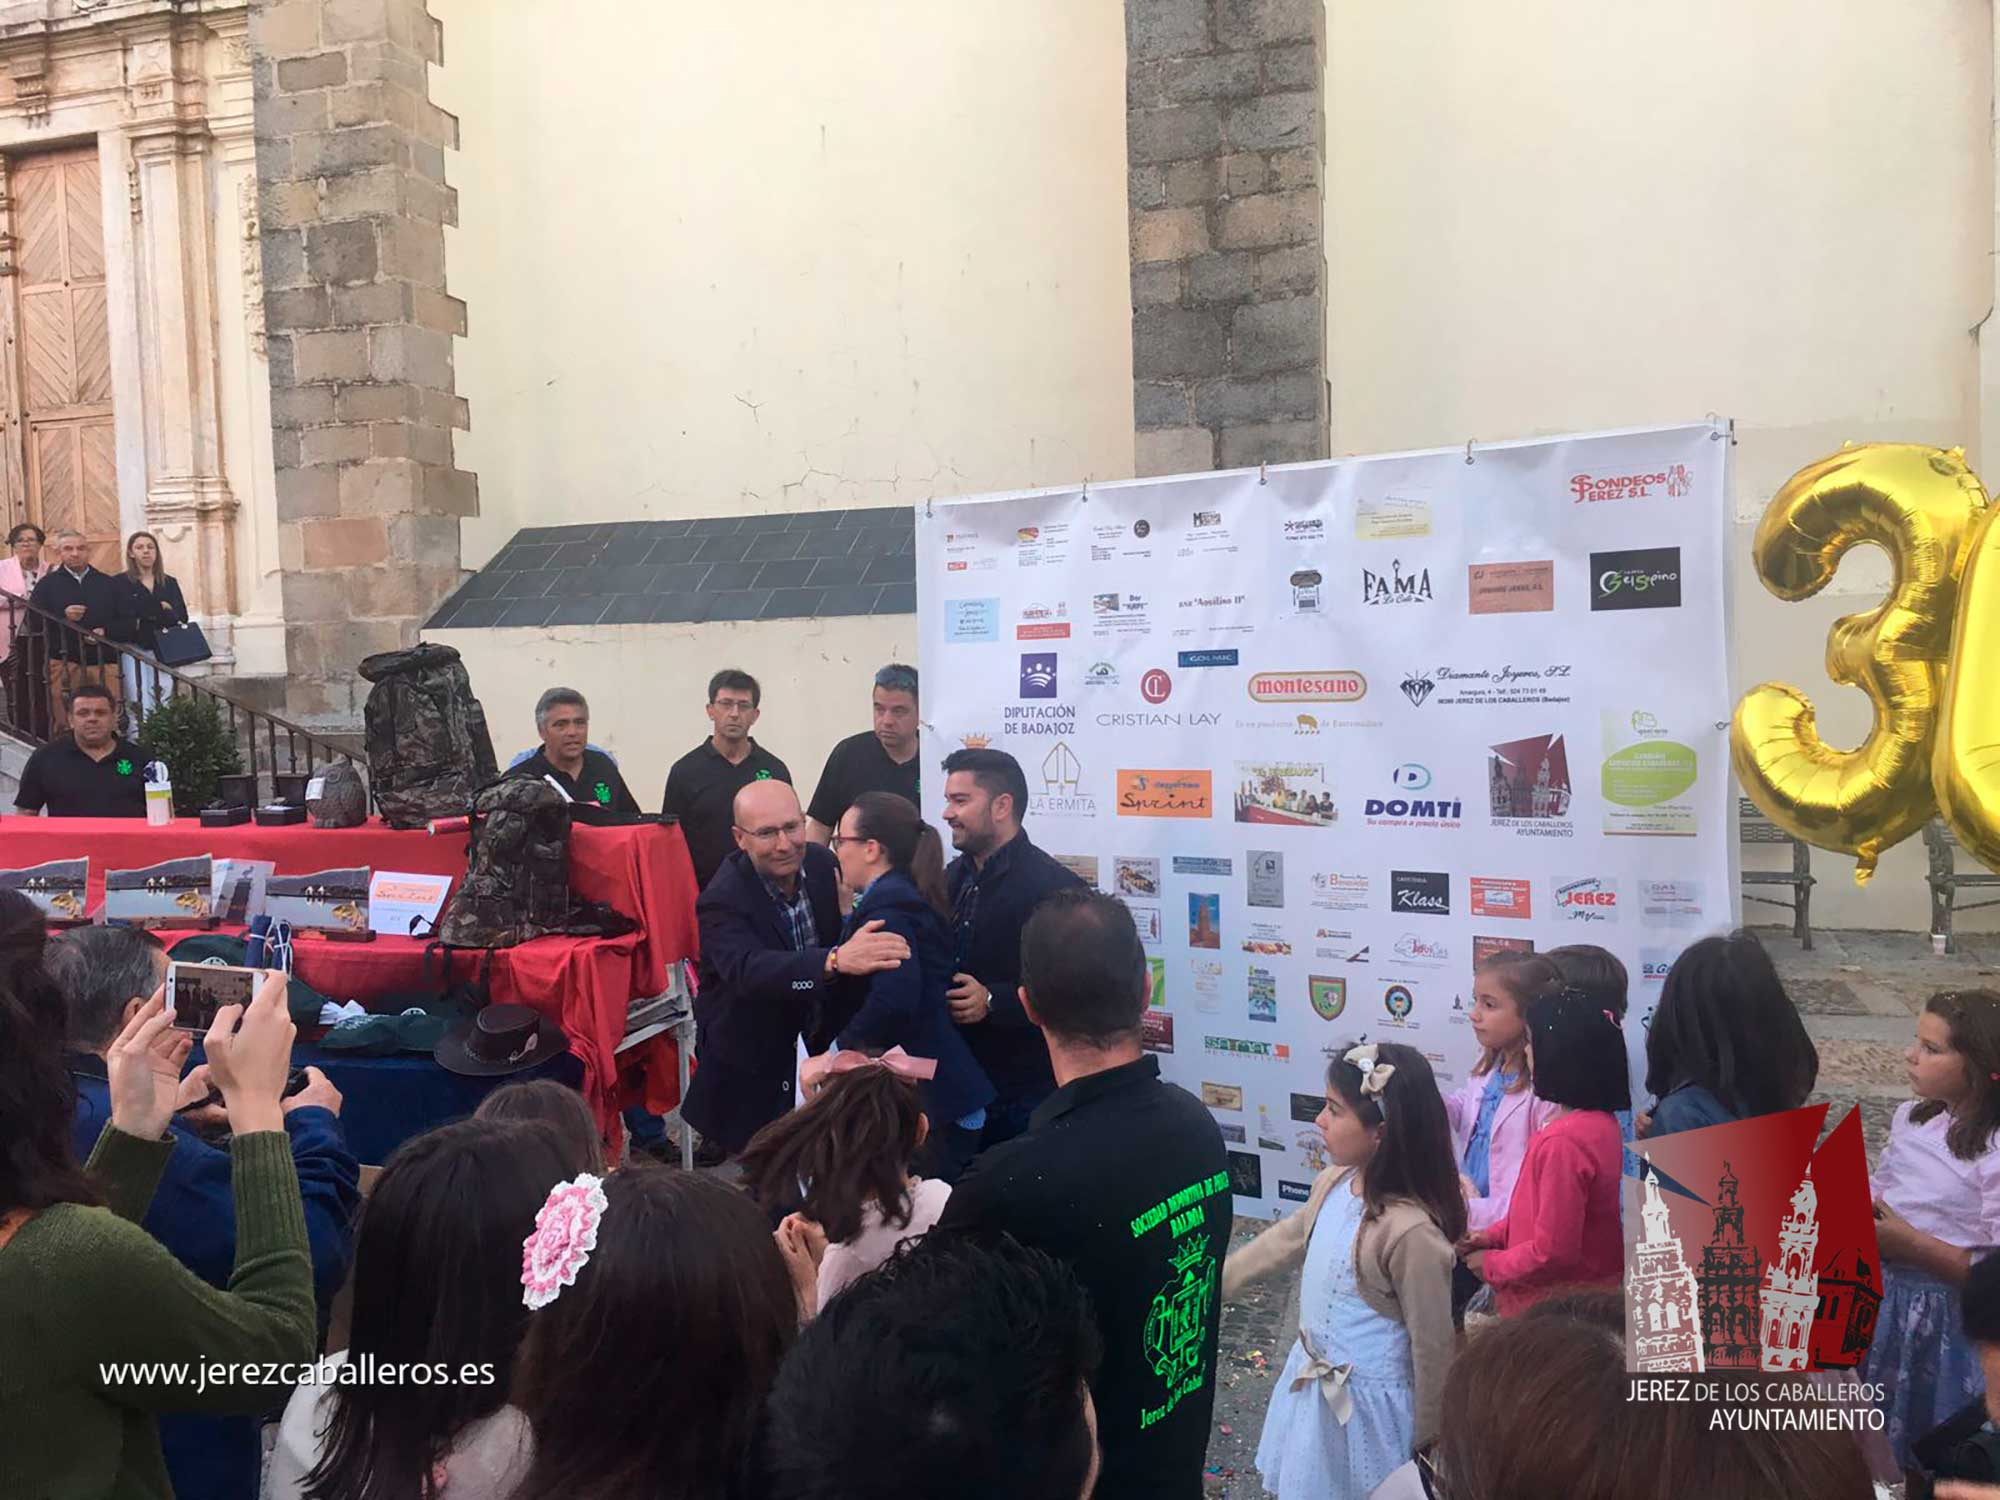 """La """"Charca de la Albuera"""" ha celebrado este fin de semana con ambiente festivo, los 300 años de historia del tradicional concurso de pesca que lleva el nombre de este emblemático enclave jerezano"""